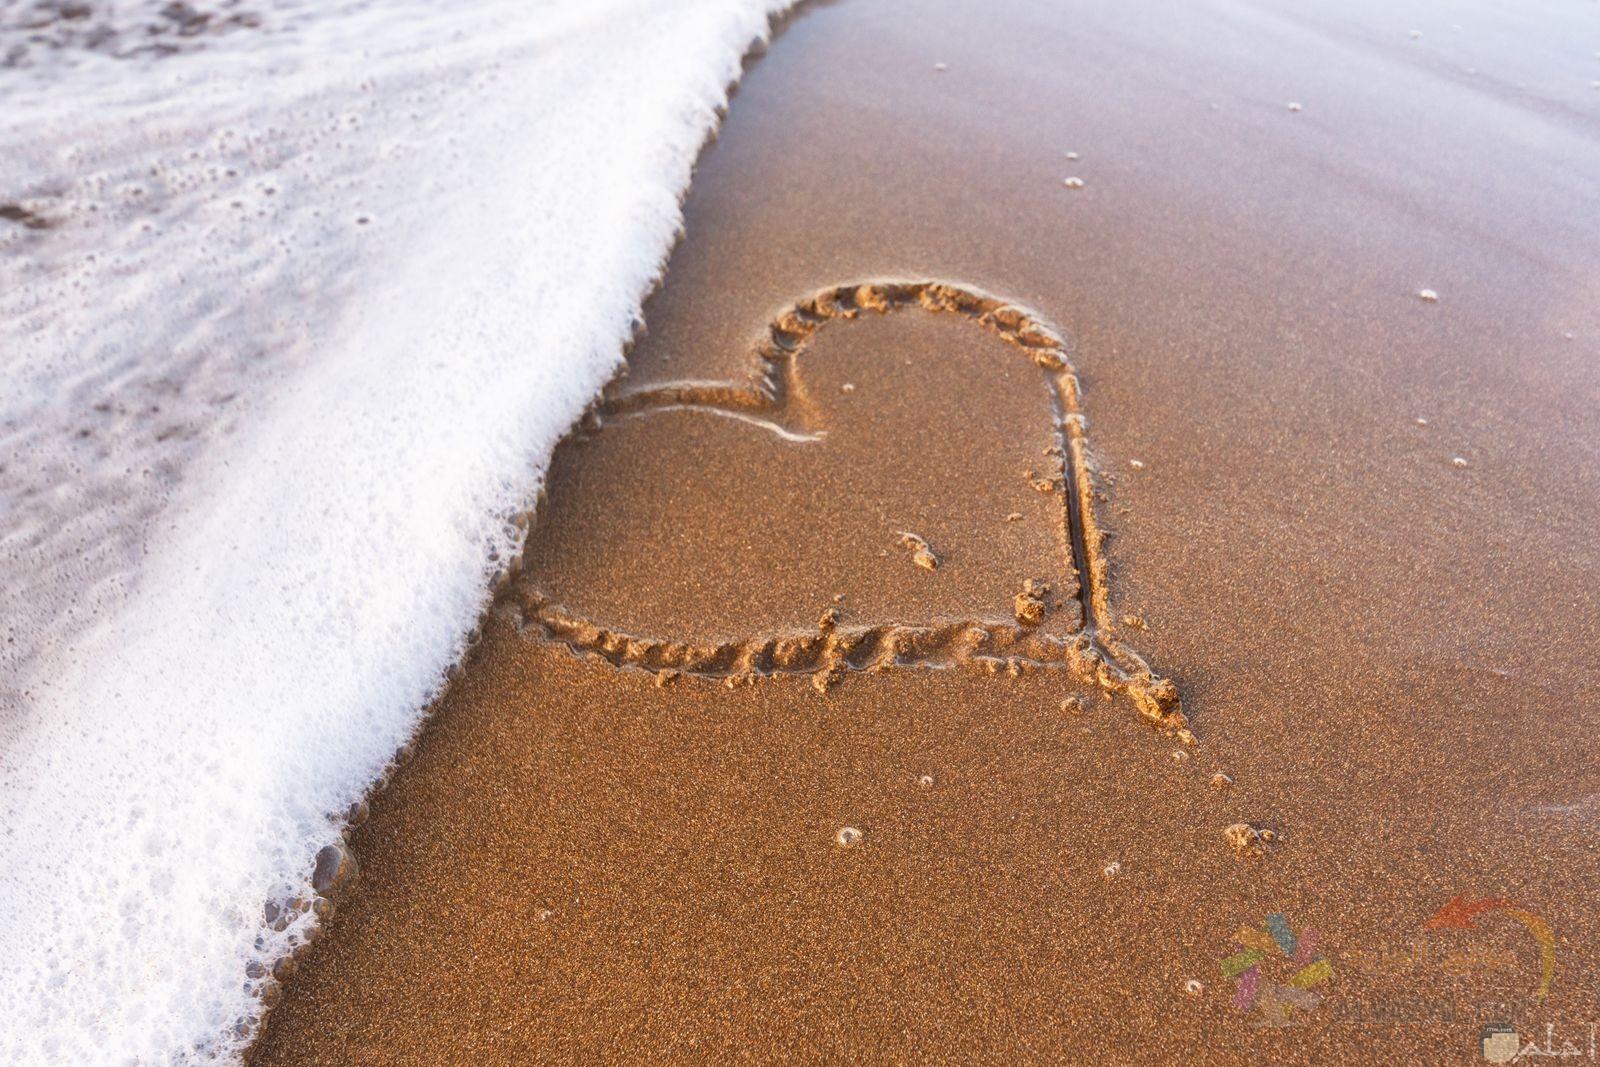 قلب مرسوم على الرمل امام شاطئ بحر